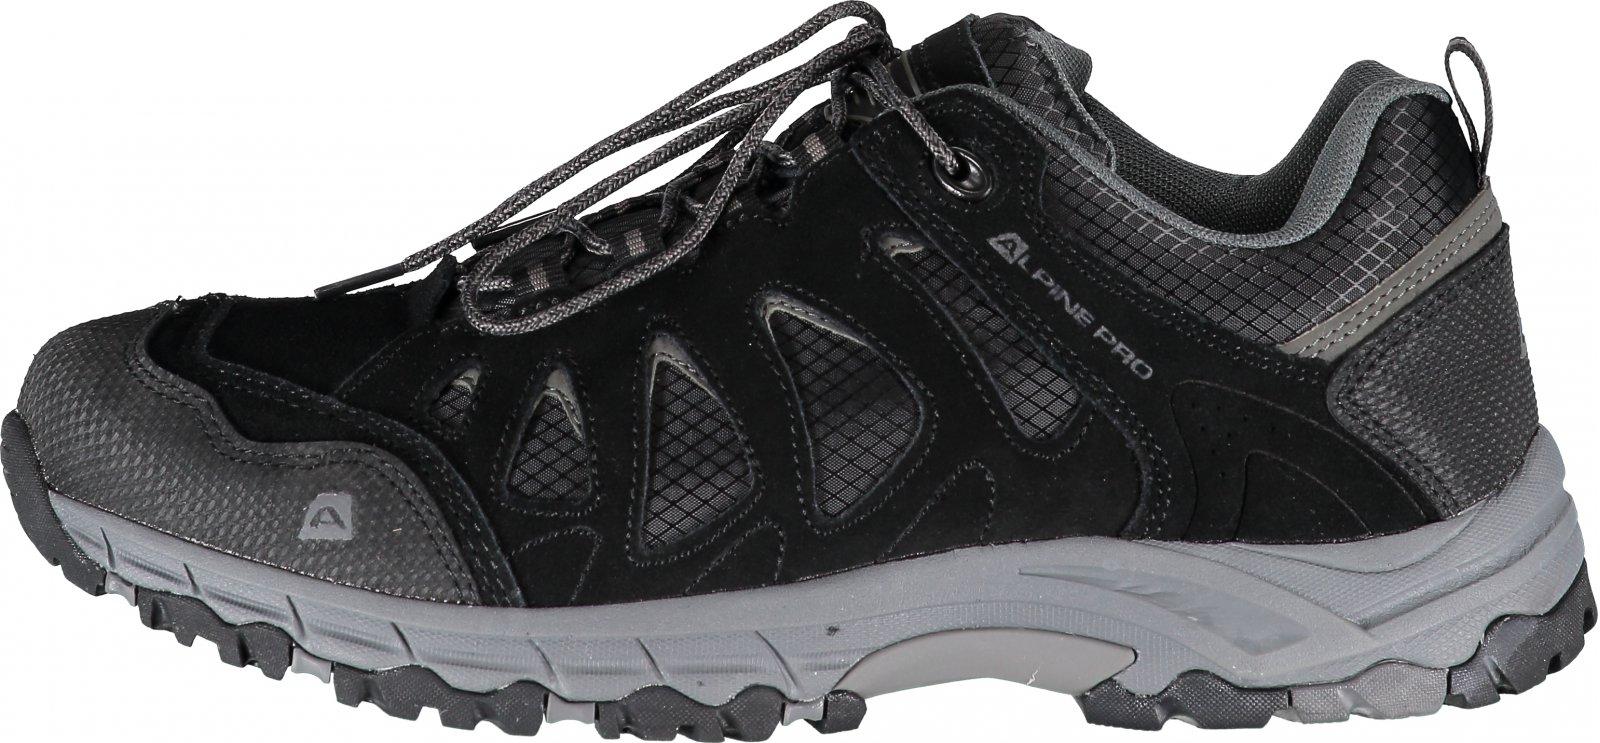 Alpine Pro Chelin dámské černé od 1 199 Kč • Zboží.cz 957d3d952d